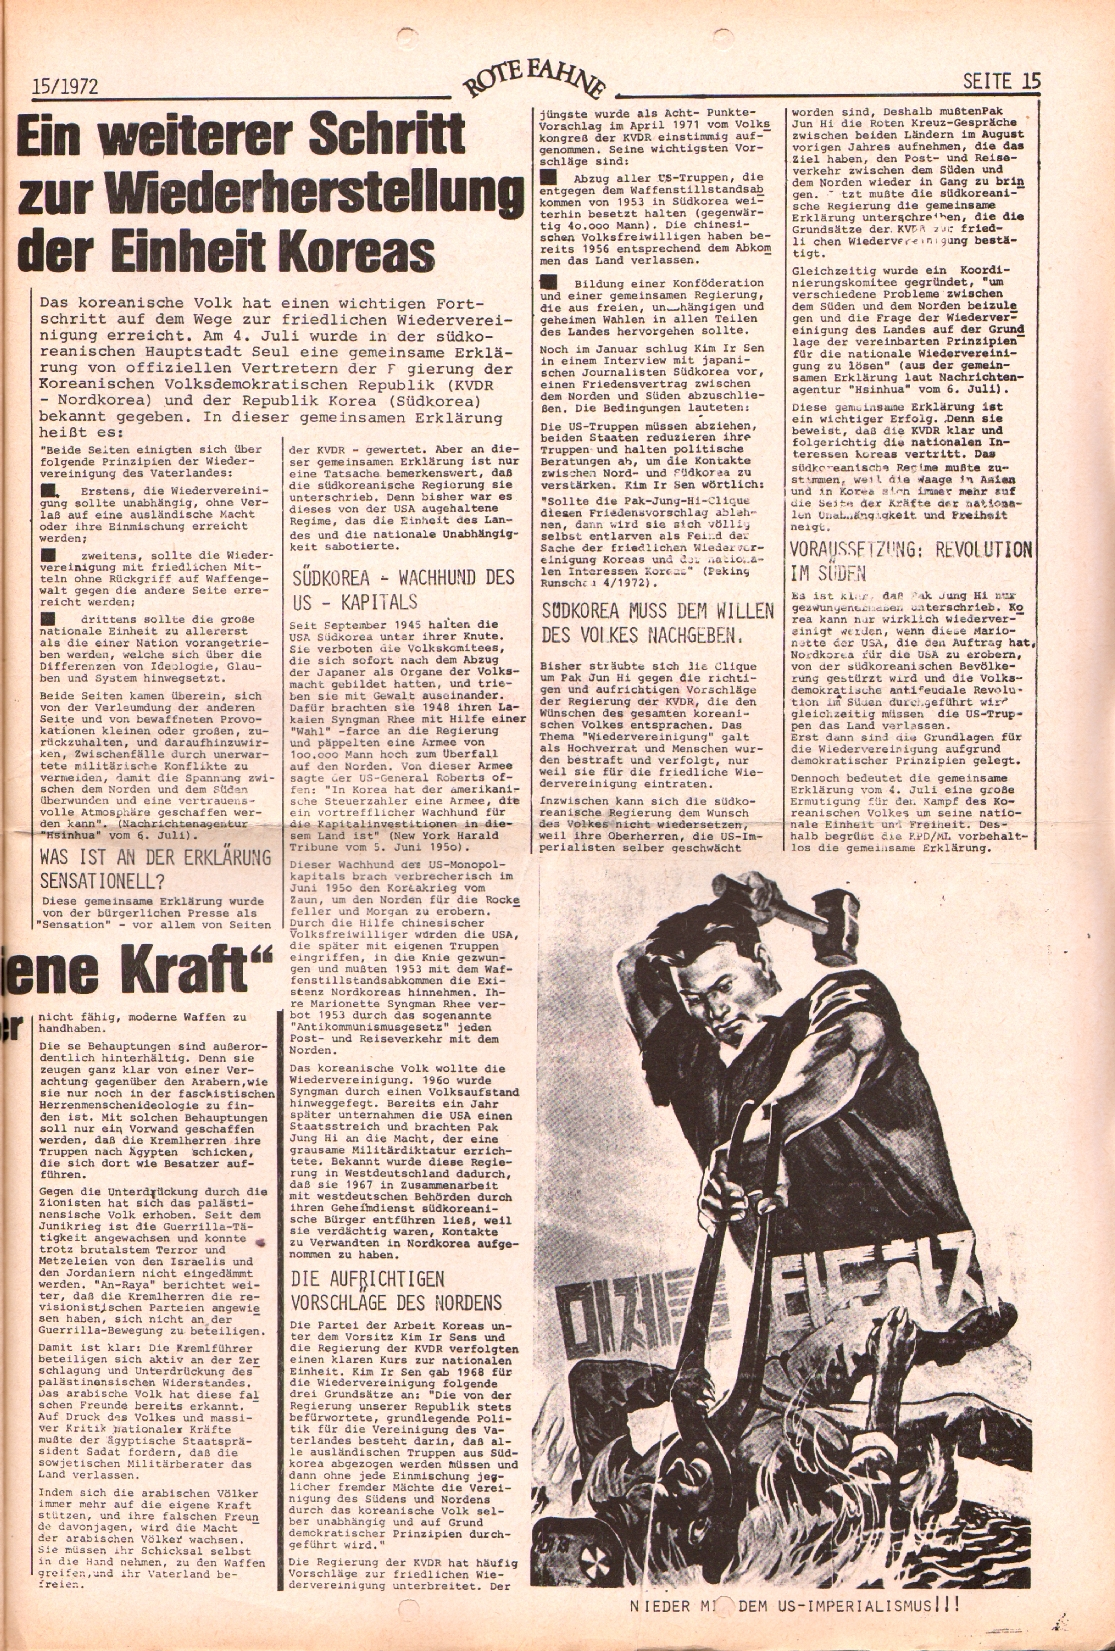 Rote Fahne, 3. Jg., 24.7.1972, Nr. 15, Seite 15